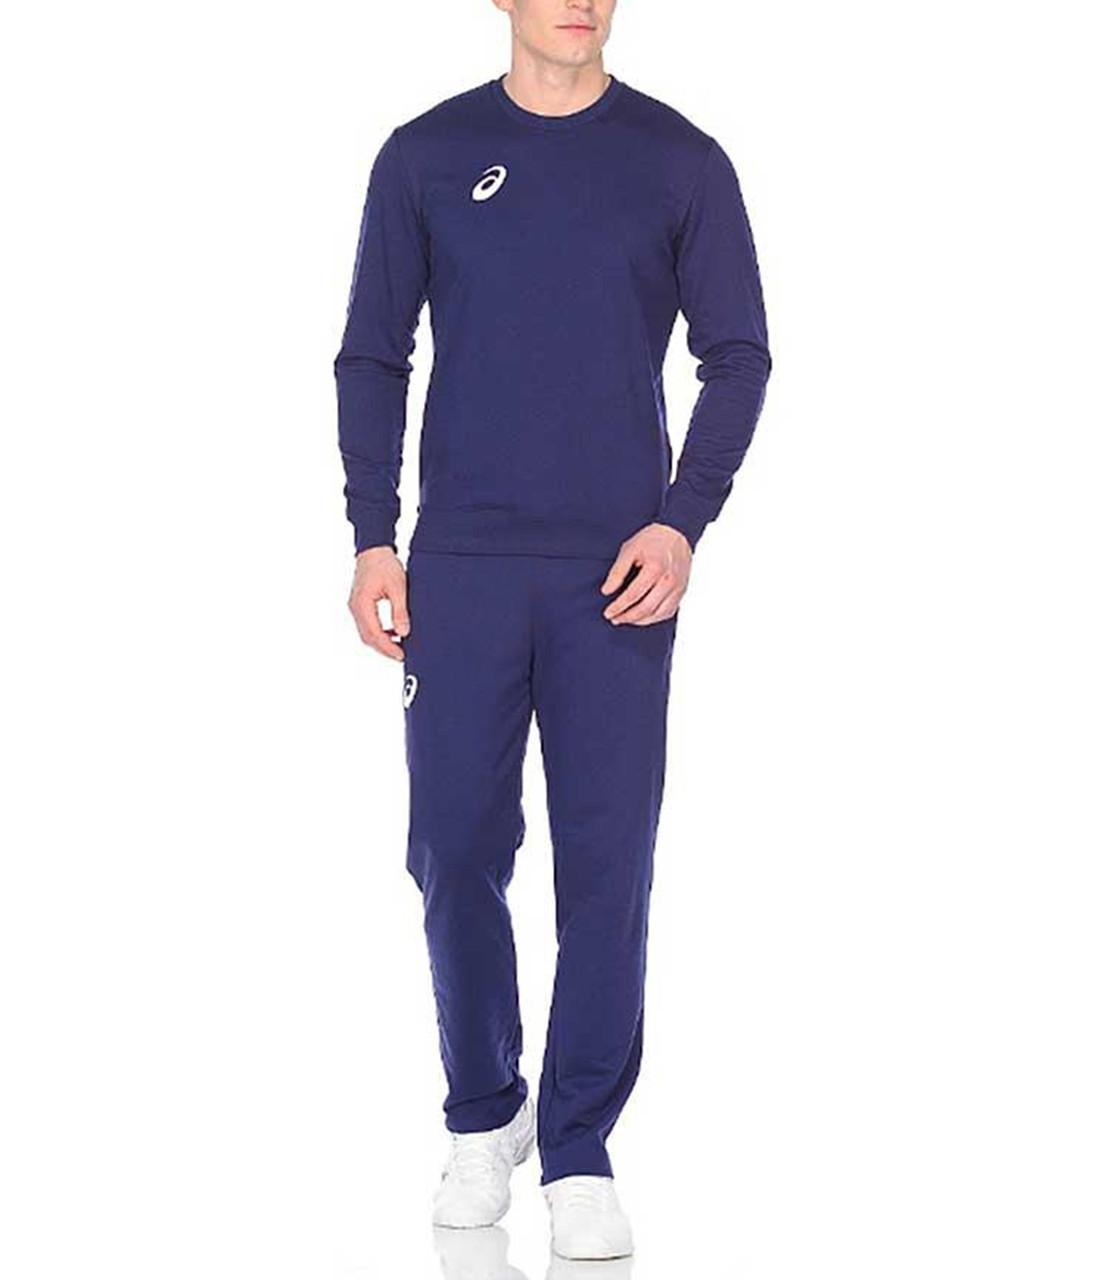 Спортивный костюм Asics Knit Suit 156855 0891